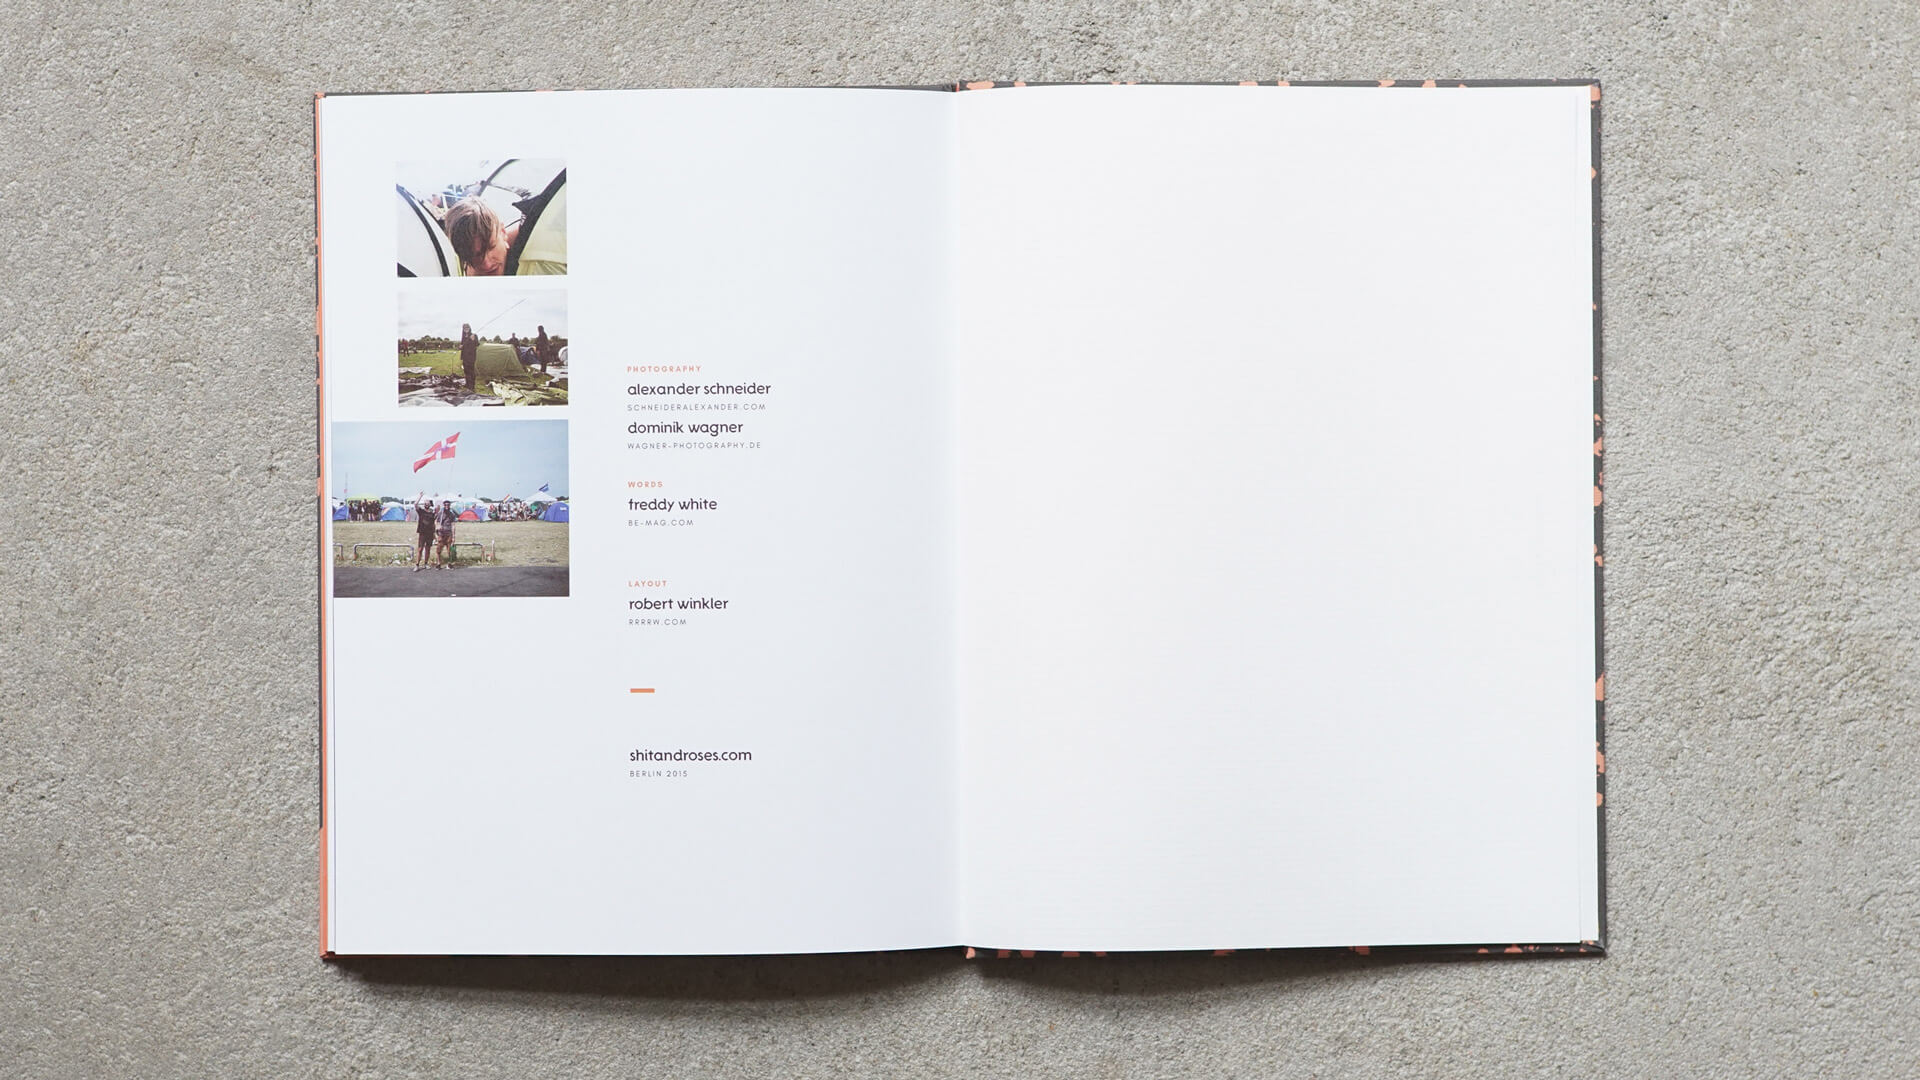 mess-book-content-big-05-1920x1080